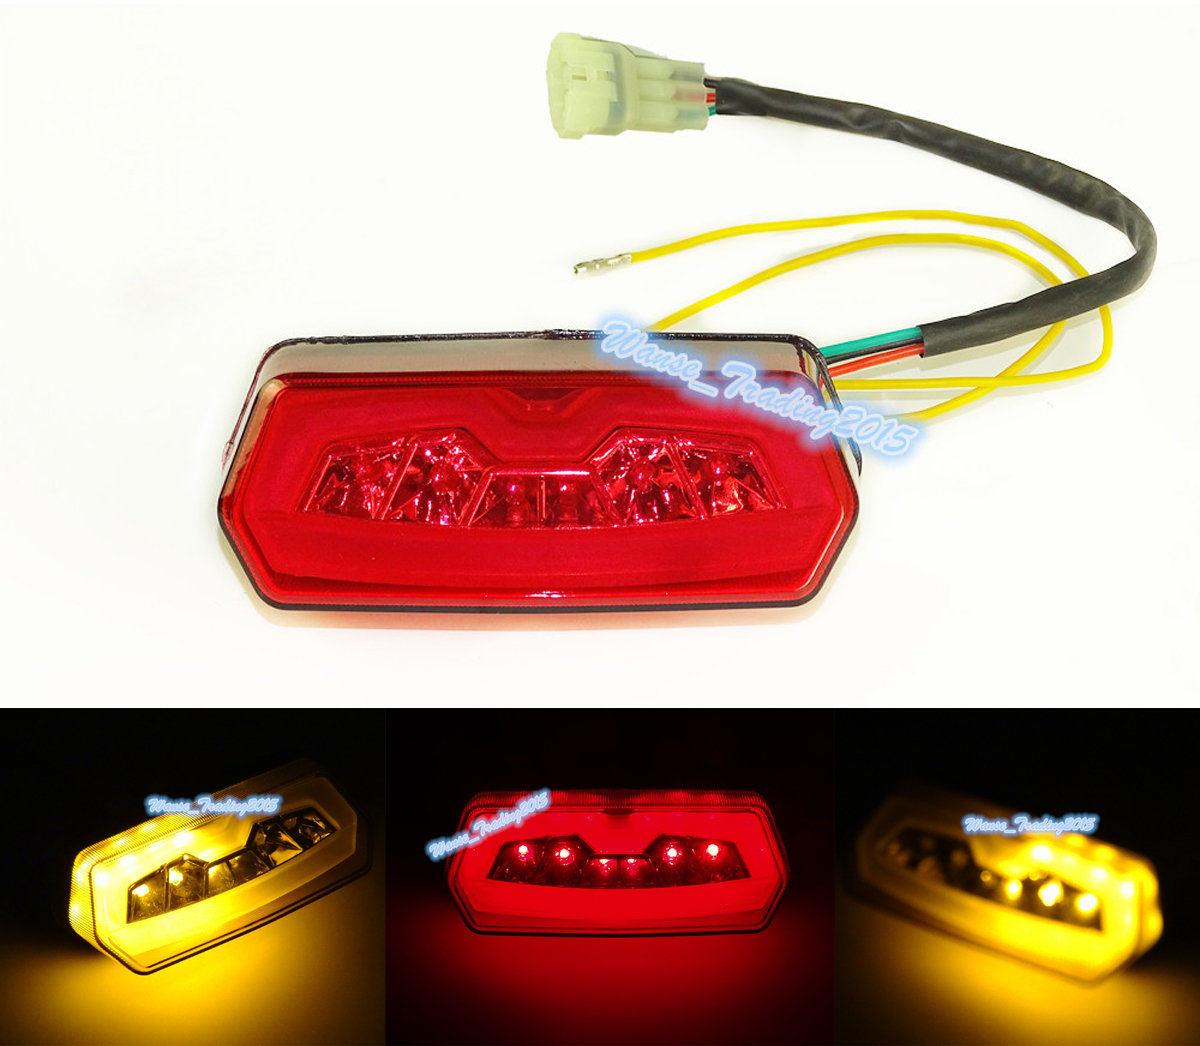 Chrome Led Taillight Tail Brake Turn Signals Blinker Integrated Light Lamp Red 2013 2014 2015 HONDA Grom MSX 125 MSX125 - Fast_Furious2015 store